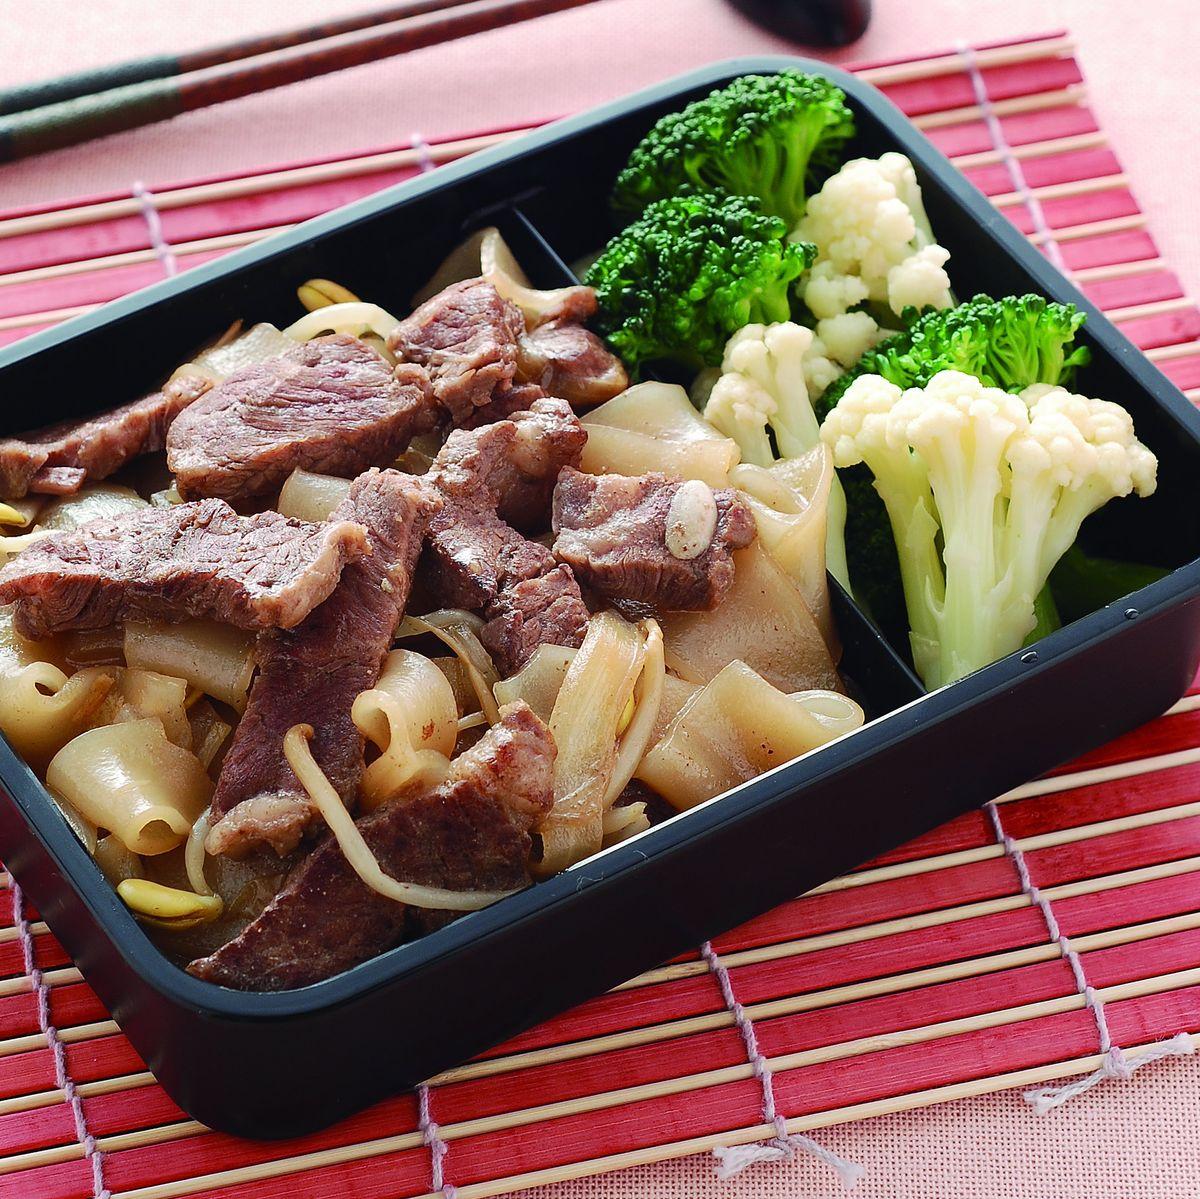 食譜:洋蔥炒牛肉河粉